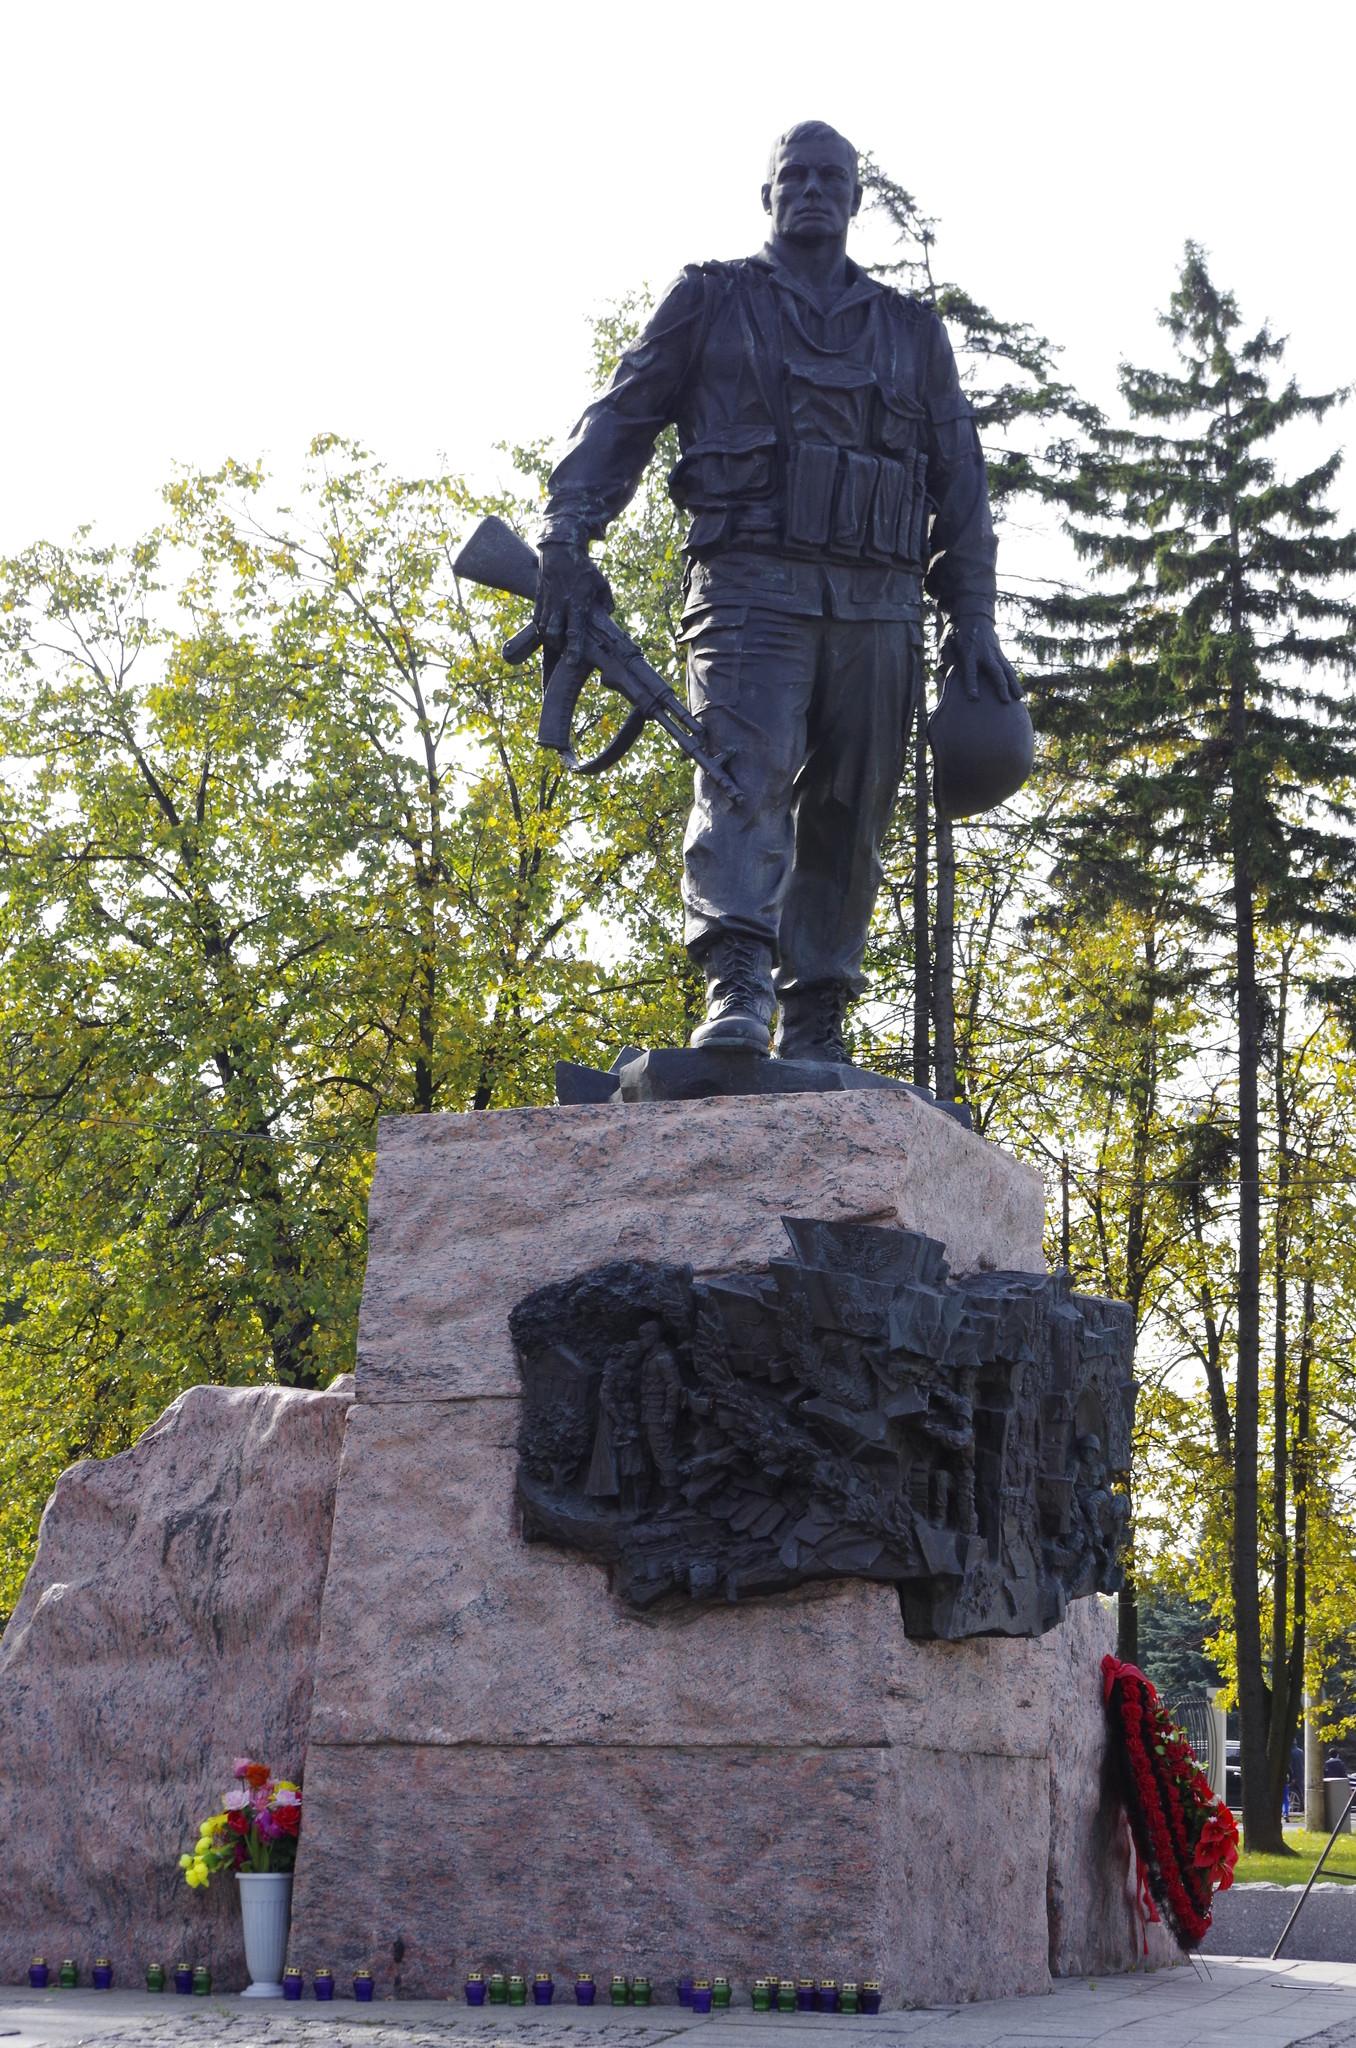 Памятник «Воинам-интернационалистам» (скульпторы С.А. Щербаков, С.С. Щербаков, архитекторы Ю.П. Григорьев, С. Григорьев) установлен в западной части парка Победы на Поклонной горе